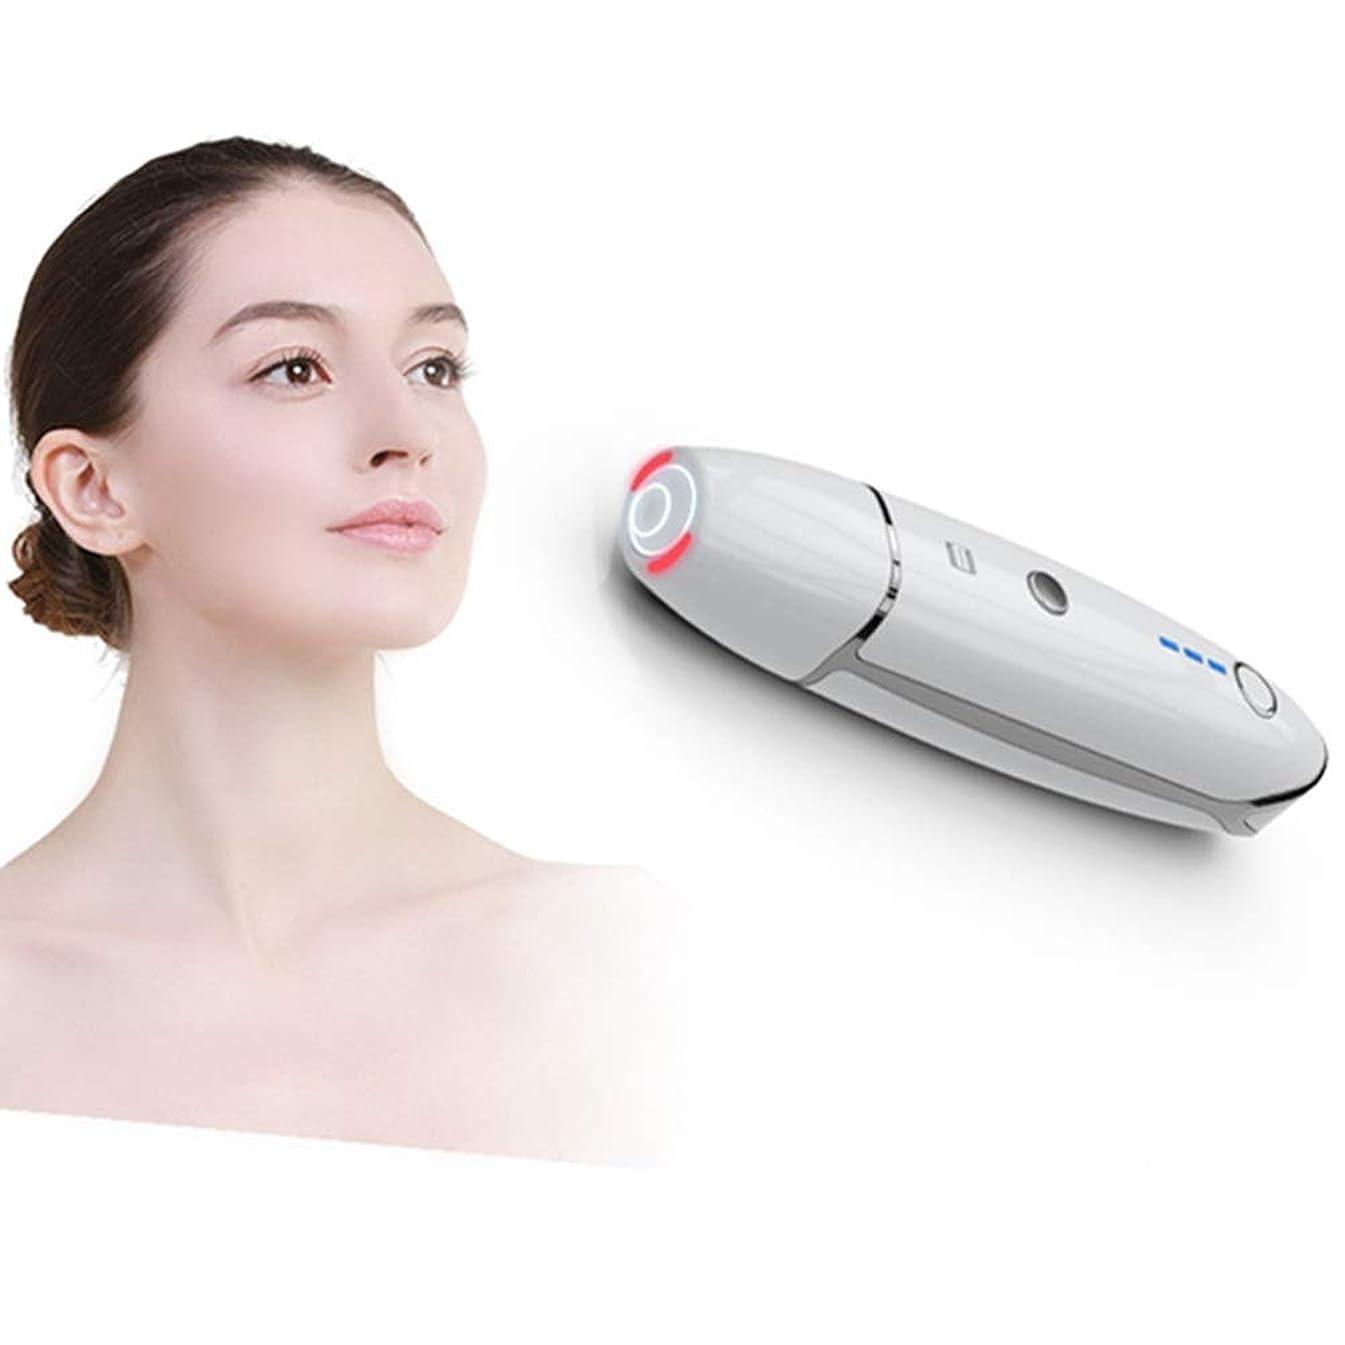 適切な気候オープニングマイクロダーマブレーションデバイス肌の若返りフェイシャルマシンフェイスリフト肌を引き締めてシワを取り除くアンチエイジングエステサロン